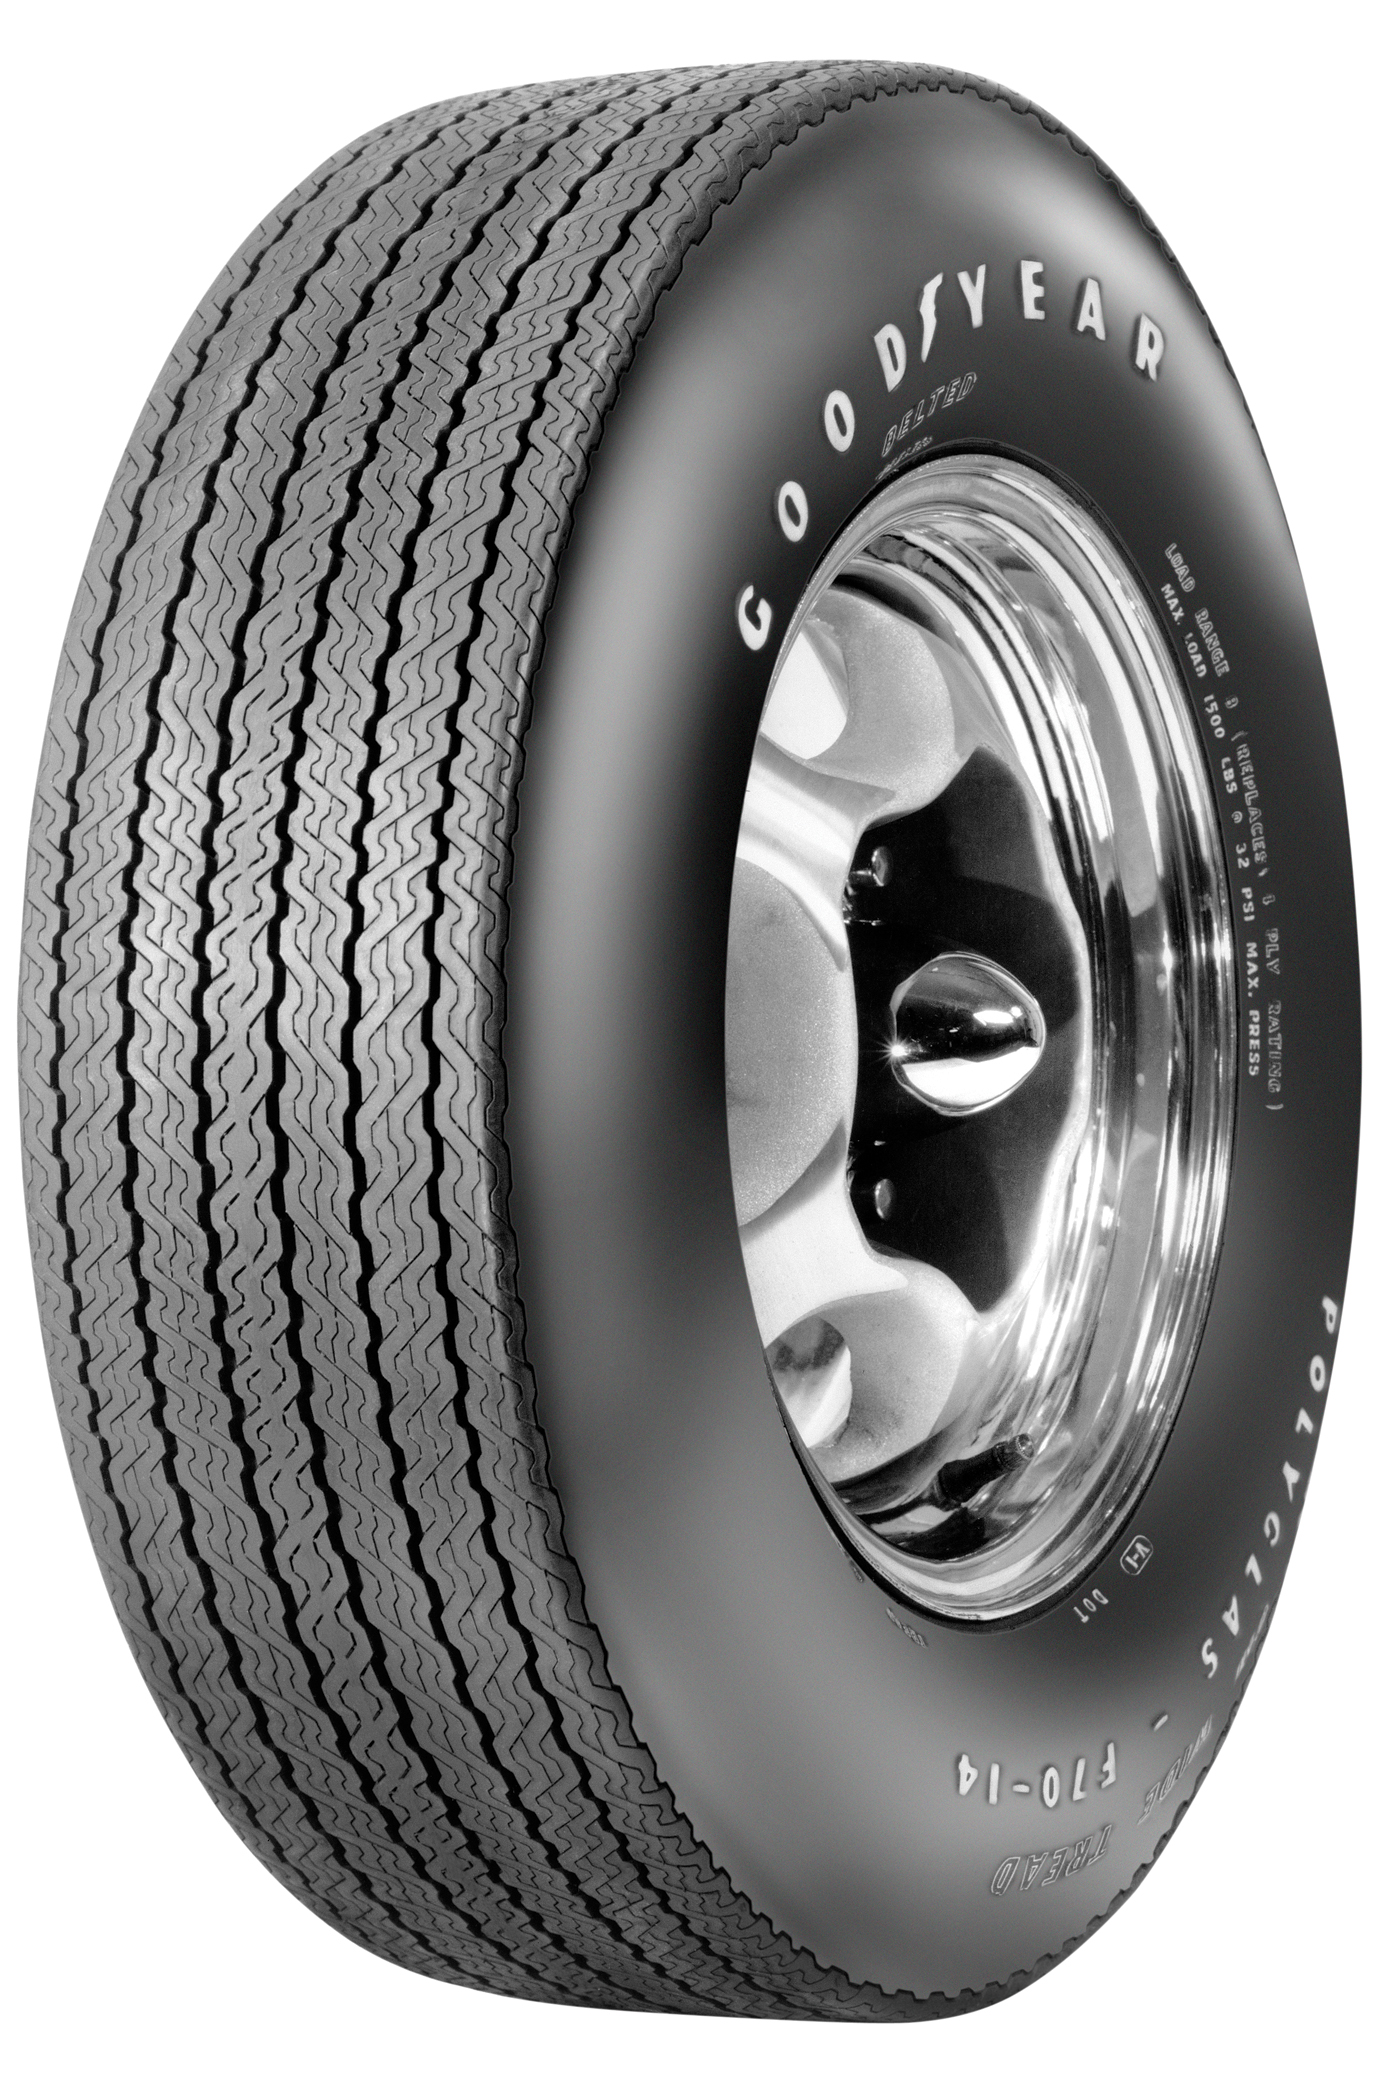 custom wide tread raised white letter (e/s) 2/2 polyglas tire f70/14